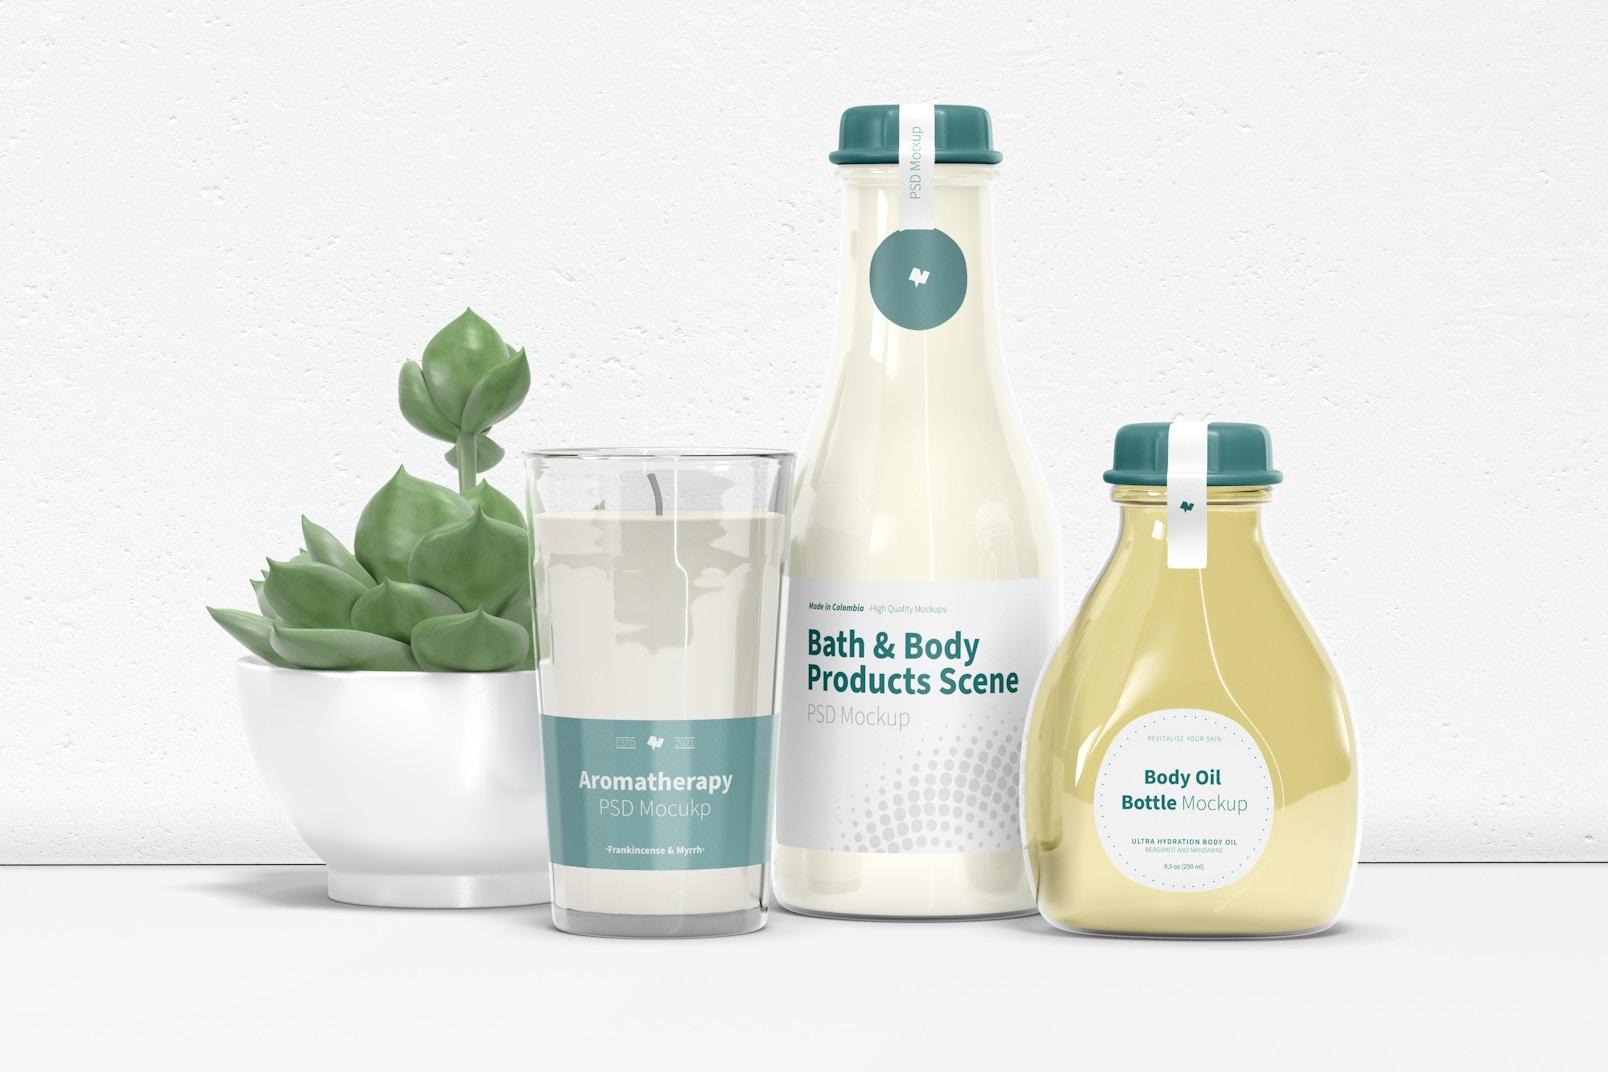 Bath and Body Products Scene Mockup